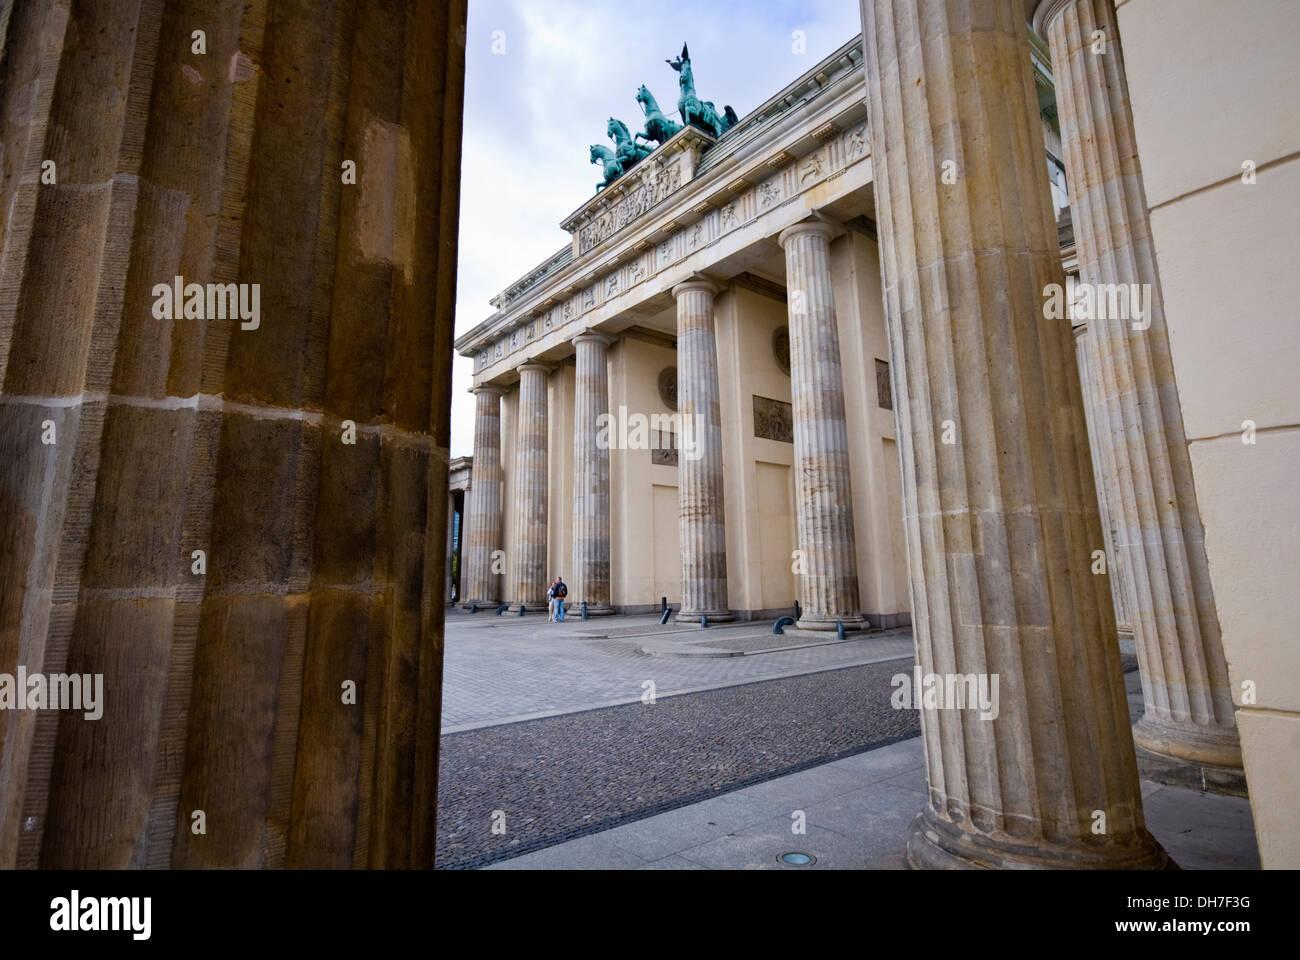 La Puerta de Brandenburgo en Berlín, Alemania Imagen De Stock